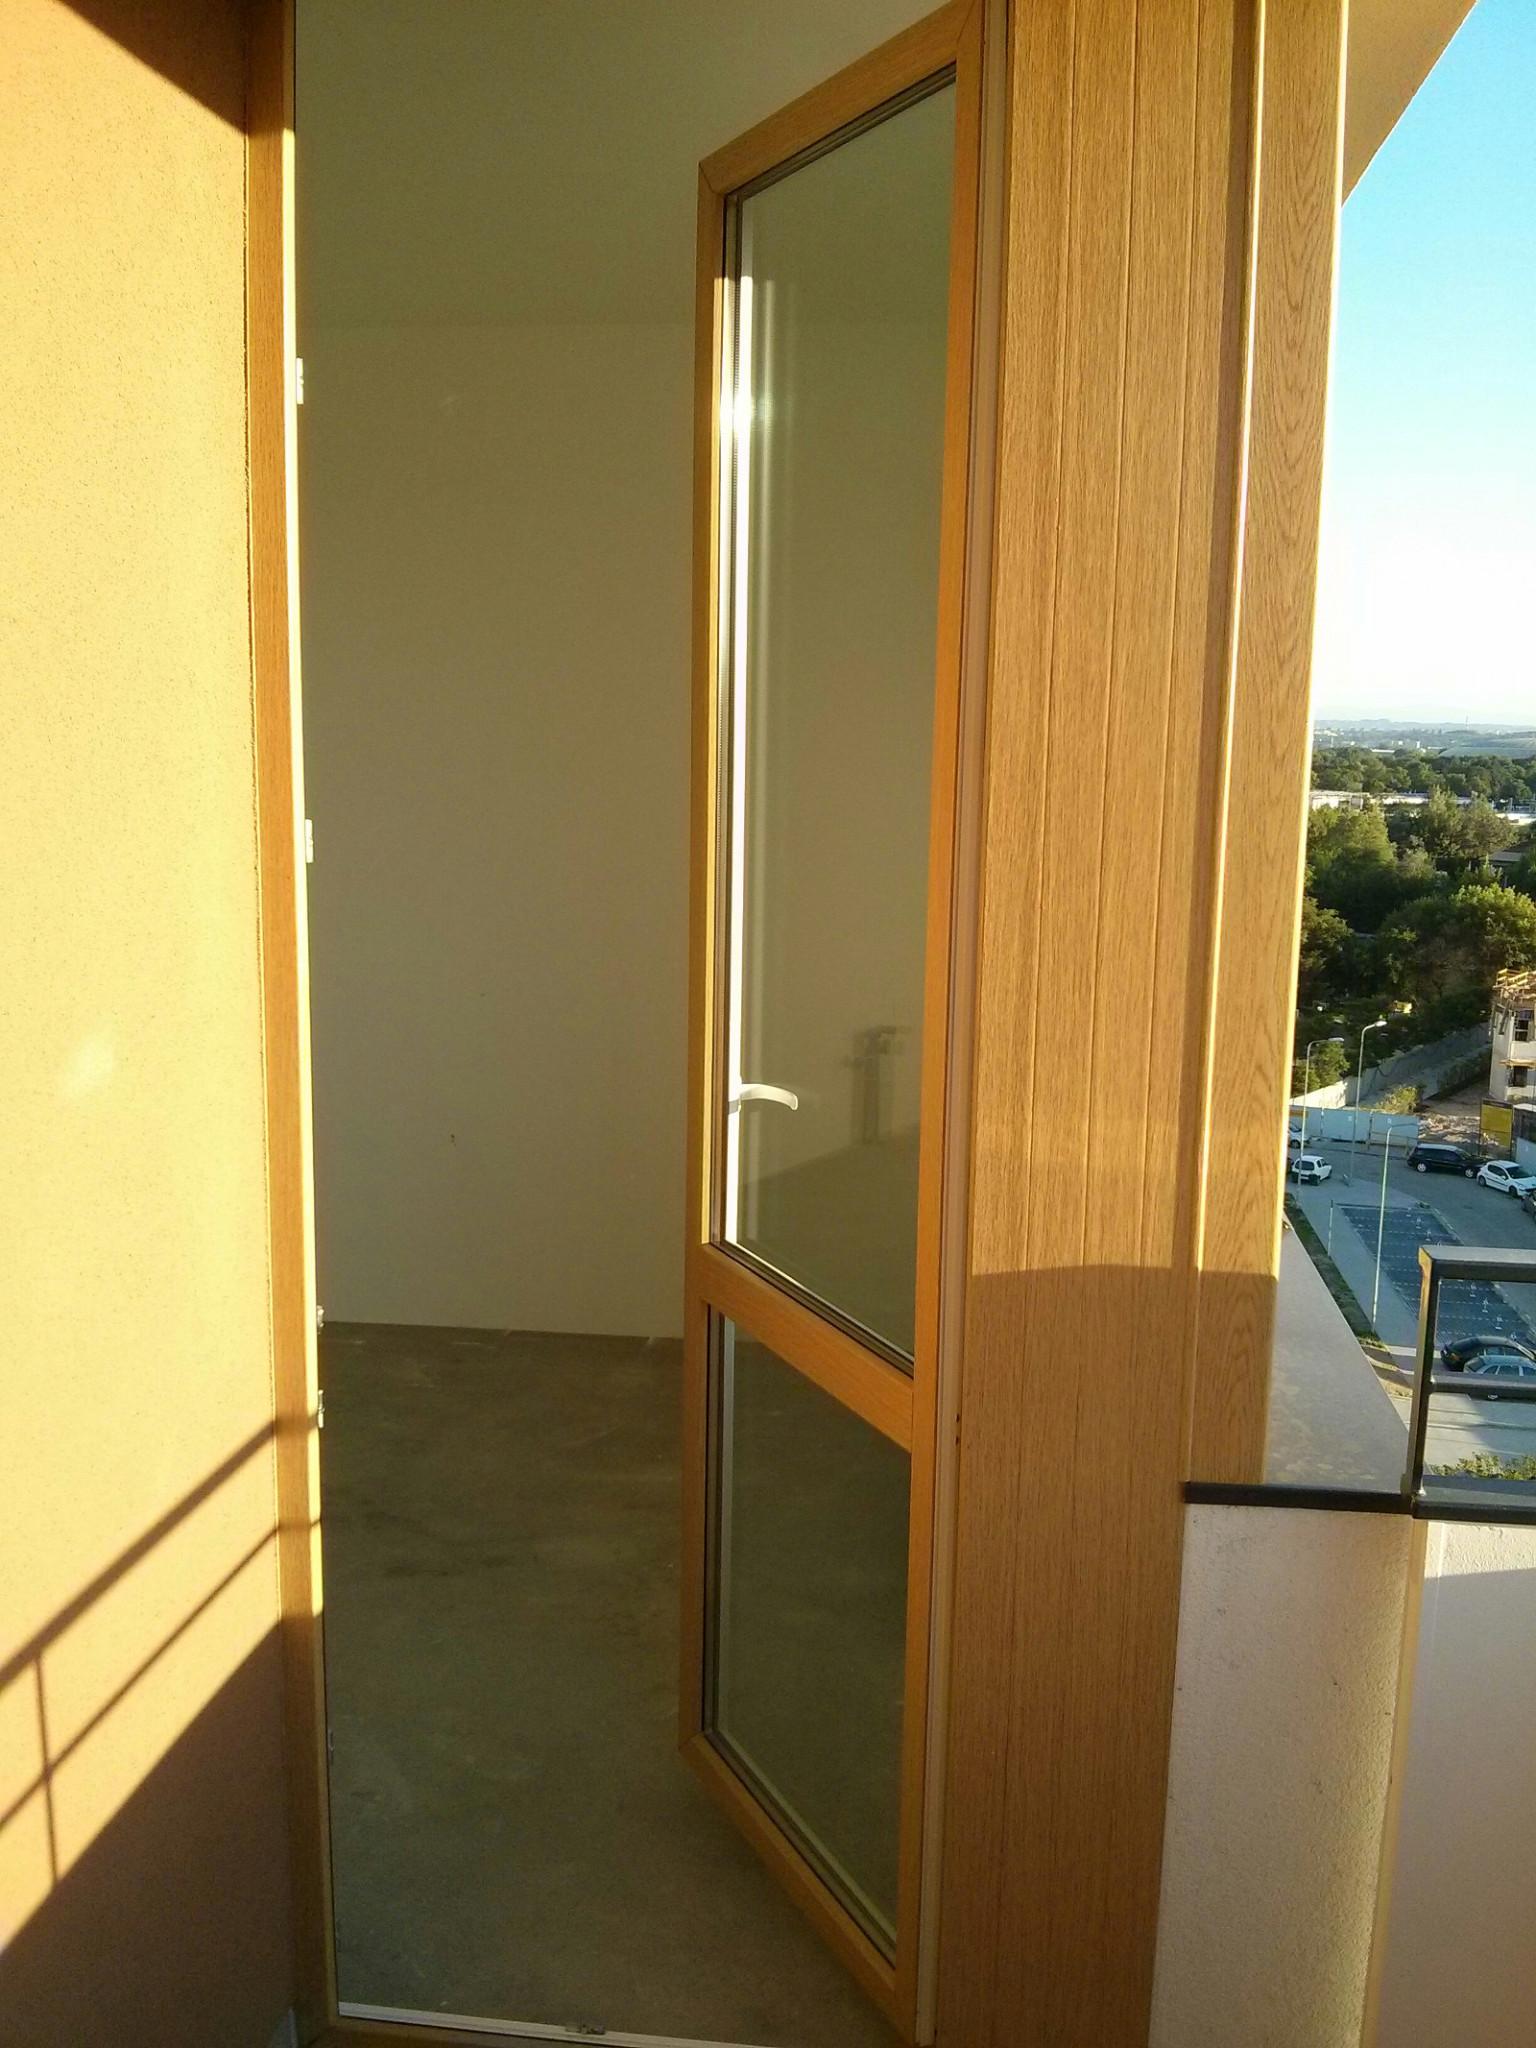 Via 4 - drzwi balkonowe do inwestycji Budimexu